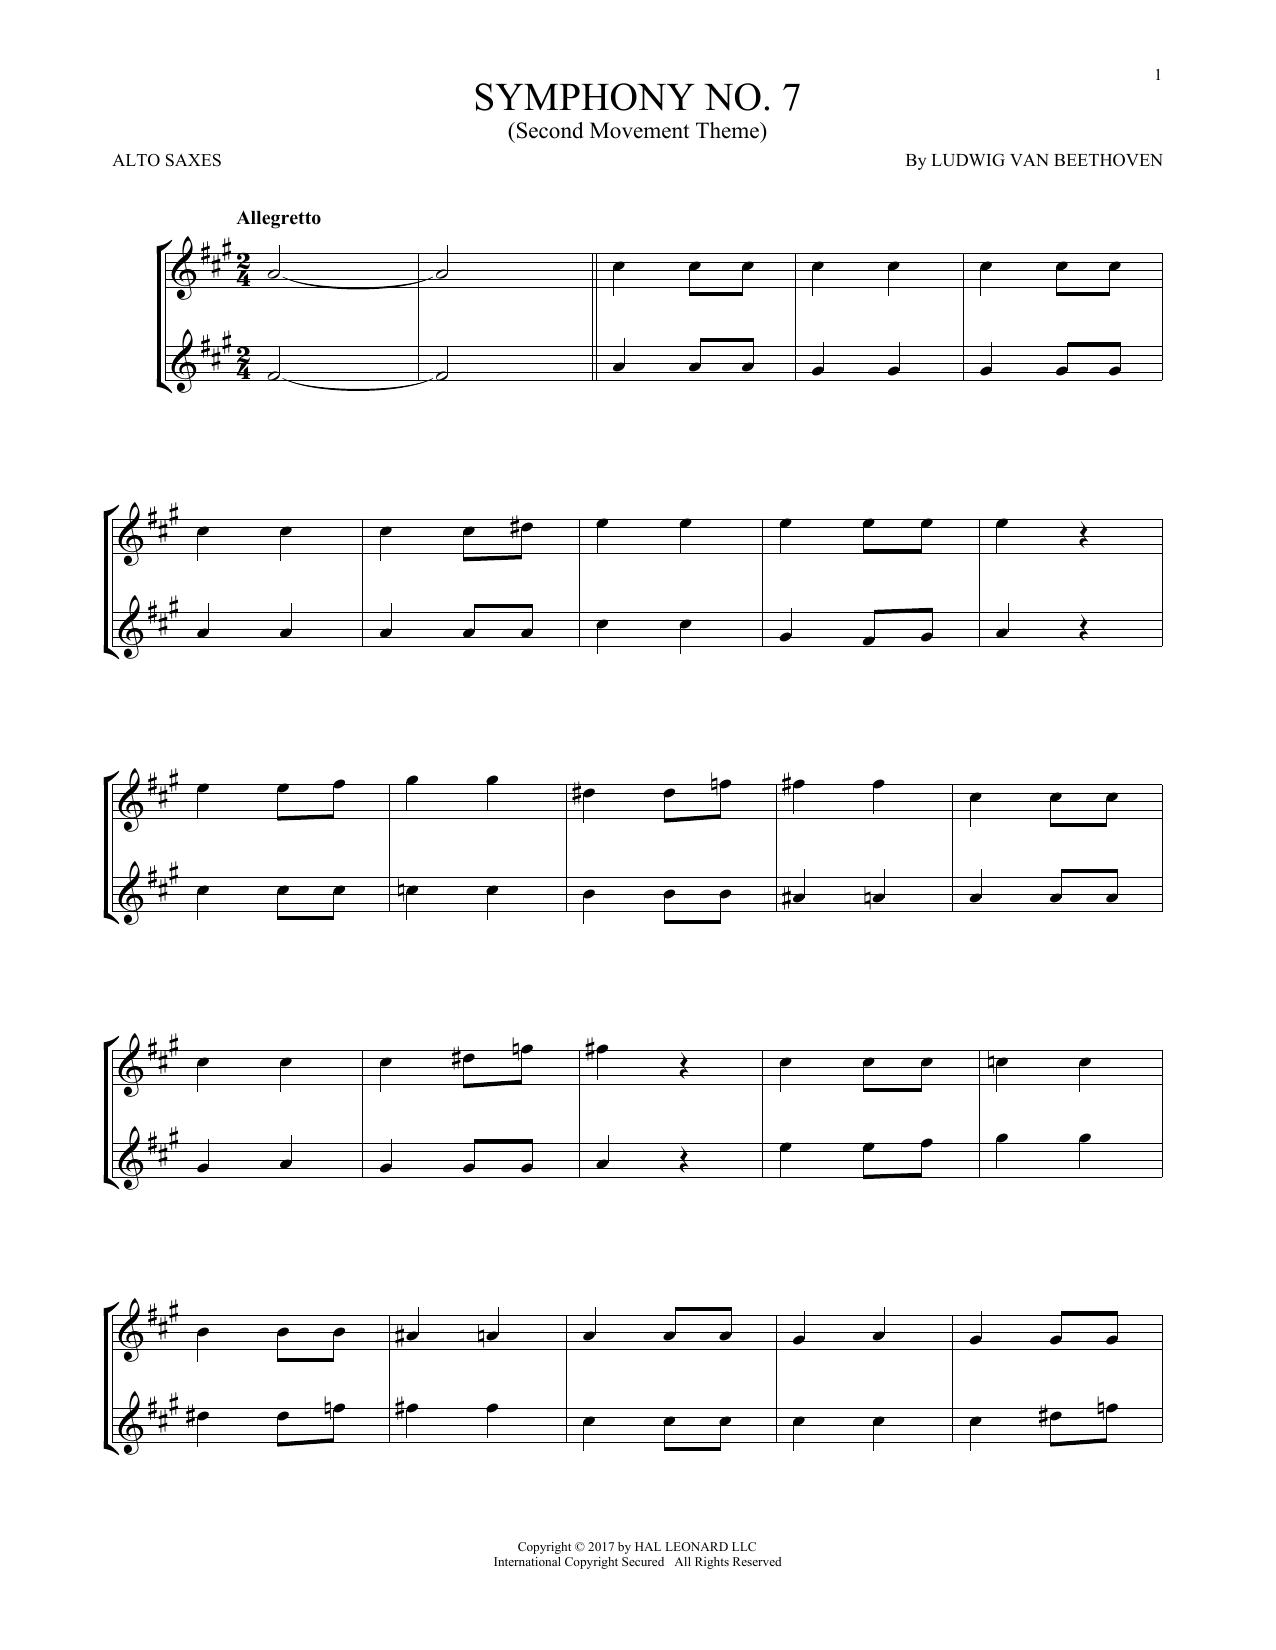 Symphony No. 7 In A Major, Second Movement (Allegretto) (Alto Sax Duet)